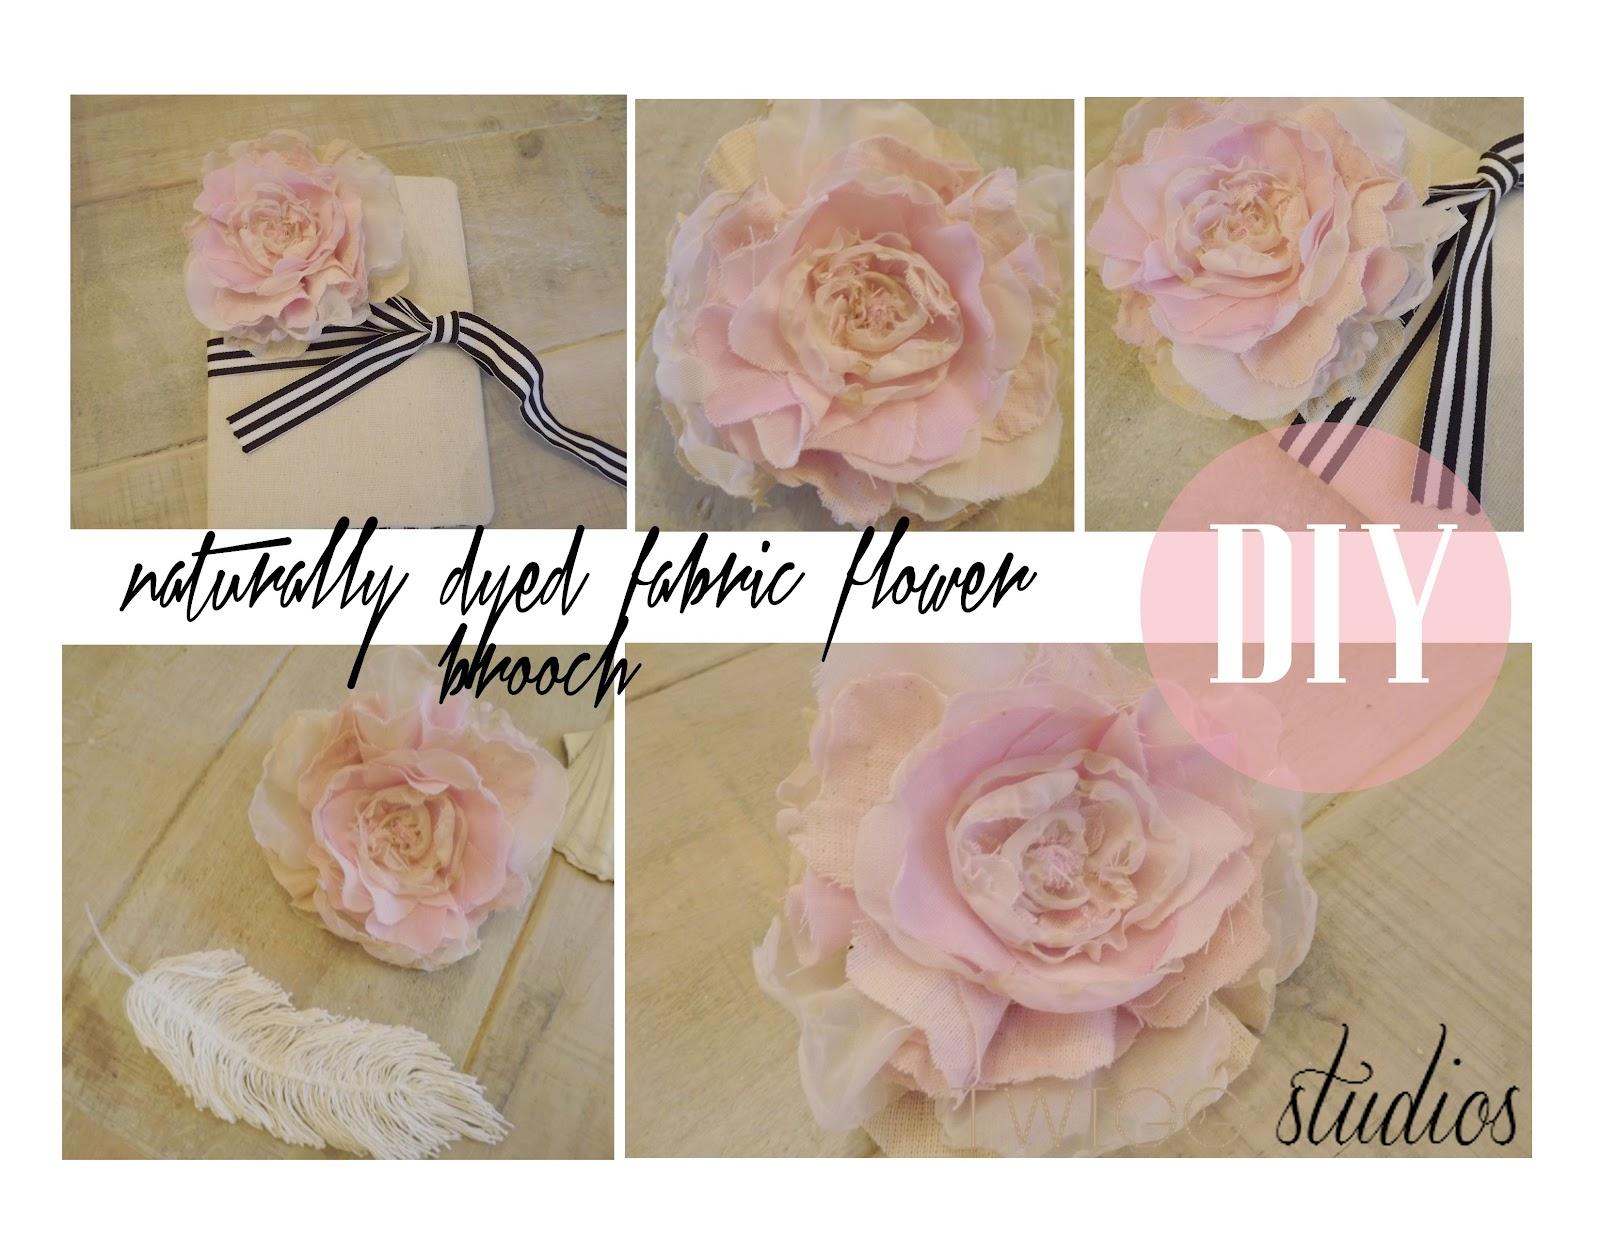 Dyed scrap fabric flower brooch twigg studios dyed scrap fabric flower brooch mightylinksfo